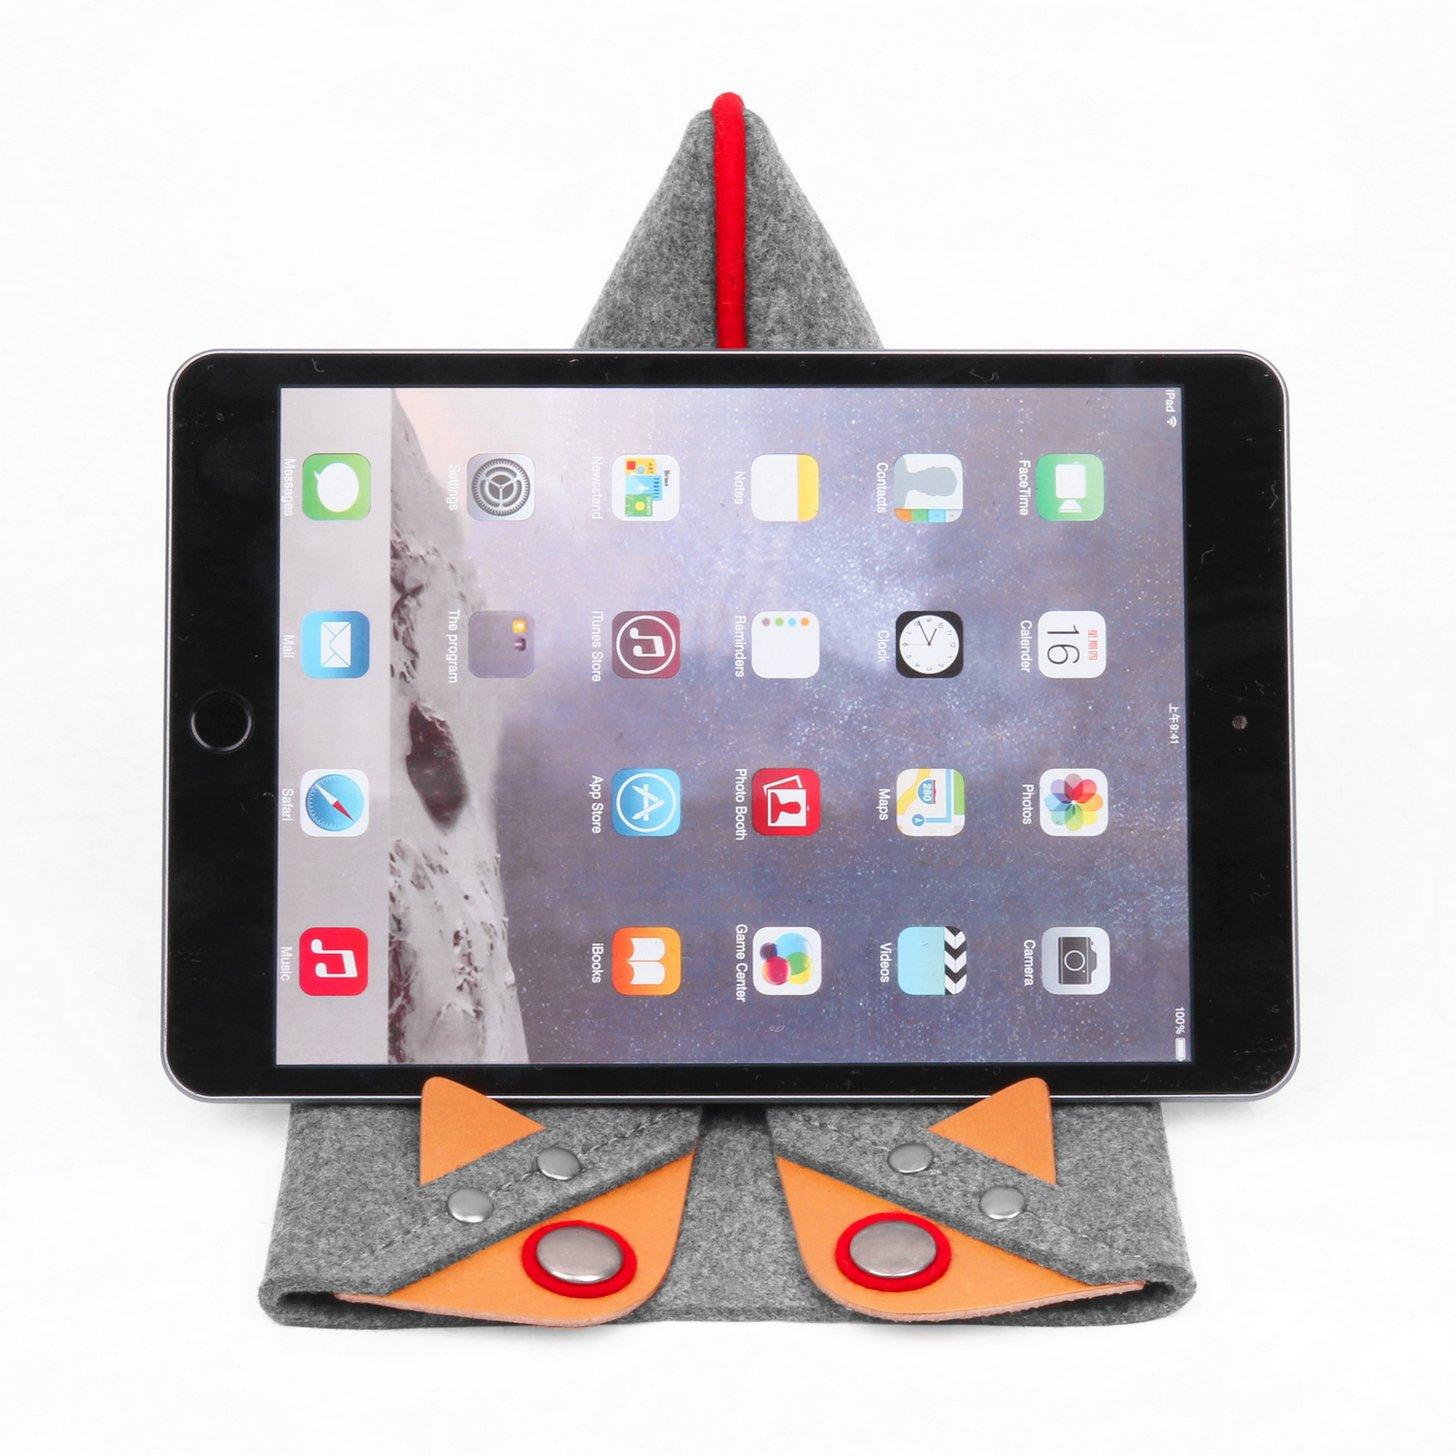 【おトク】 tophome iPad/ iPad miniケースタブレットスタンドiPadスリーブMade by 2 Genuineレザーとウールフェルトfor Apple iPad Mini 1/ 2/ 3、グレー B01I9DIE5M, エンジョイ特選館:82c1254f --- a0267596.xsph.ru